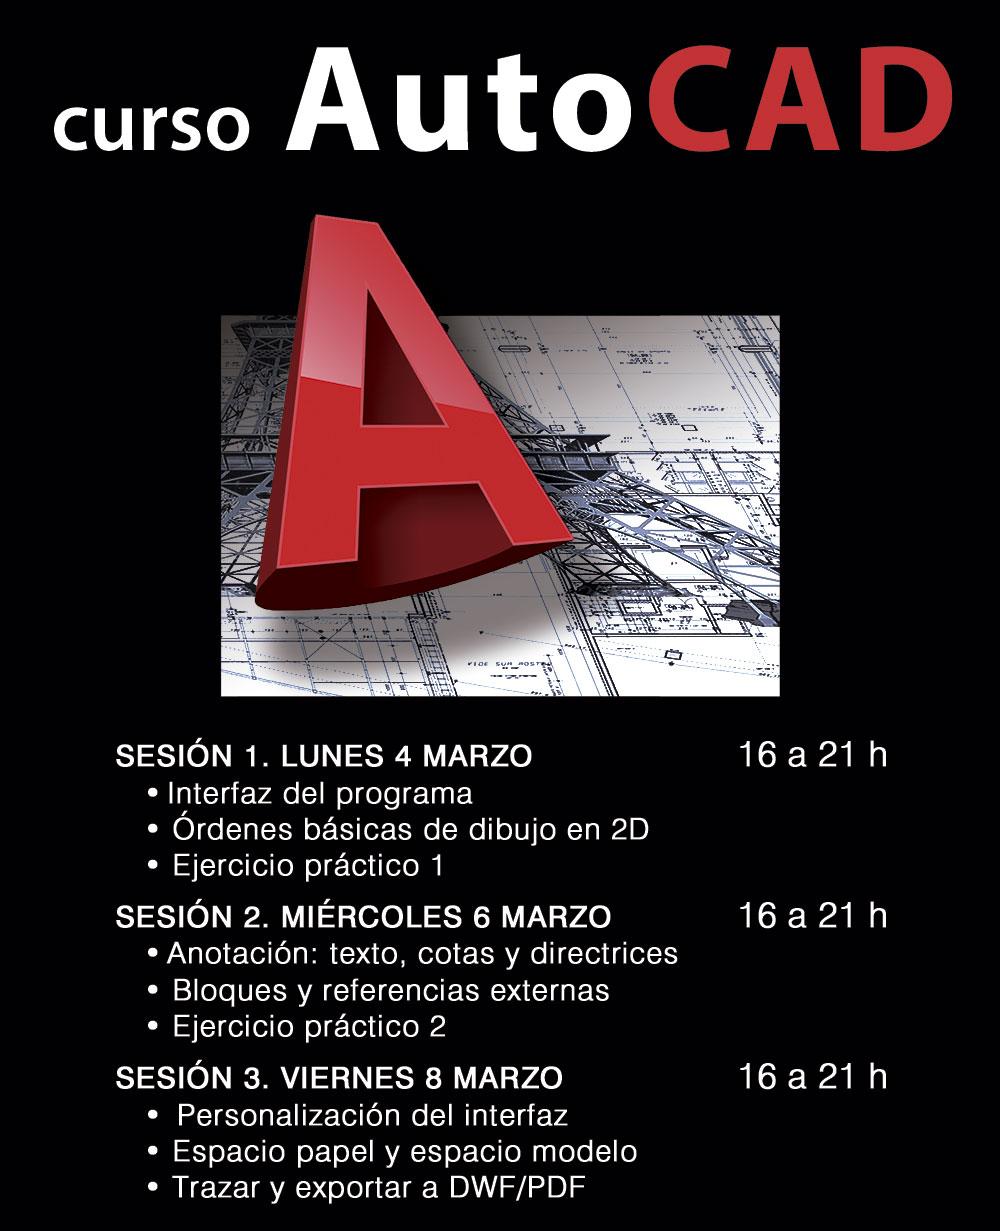 Curso AutoCAD